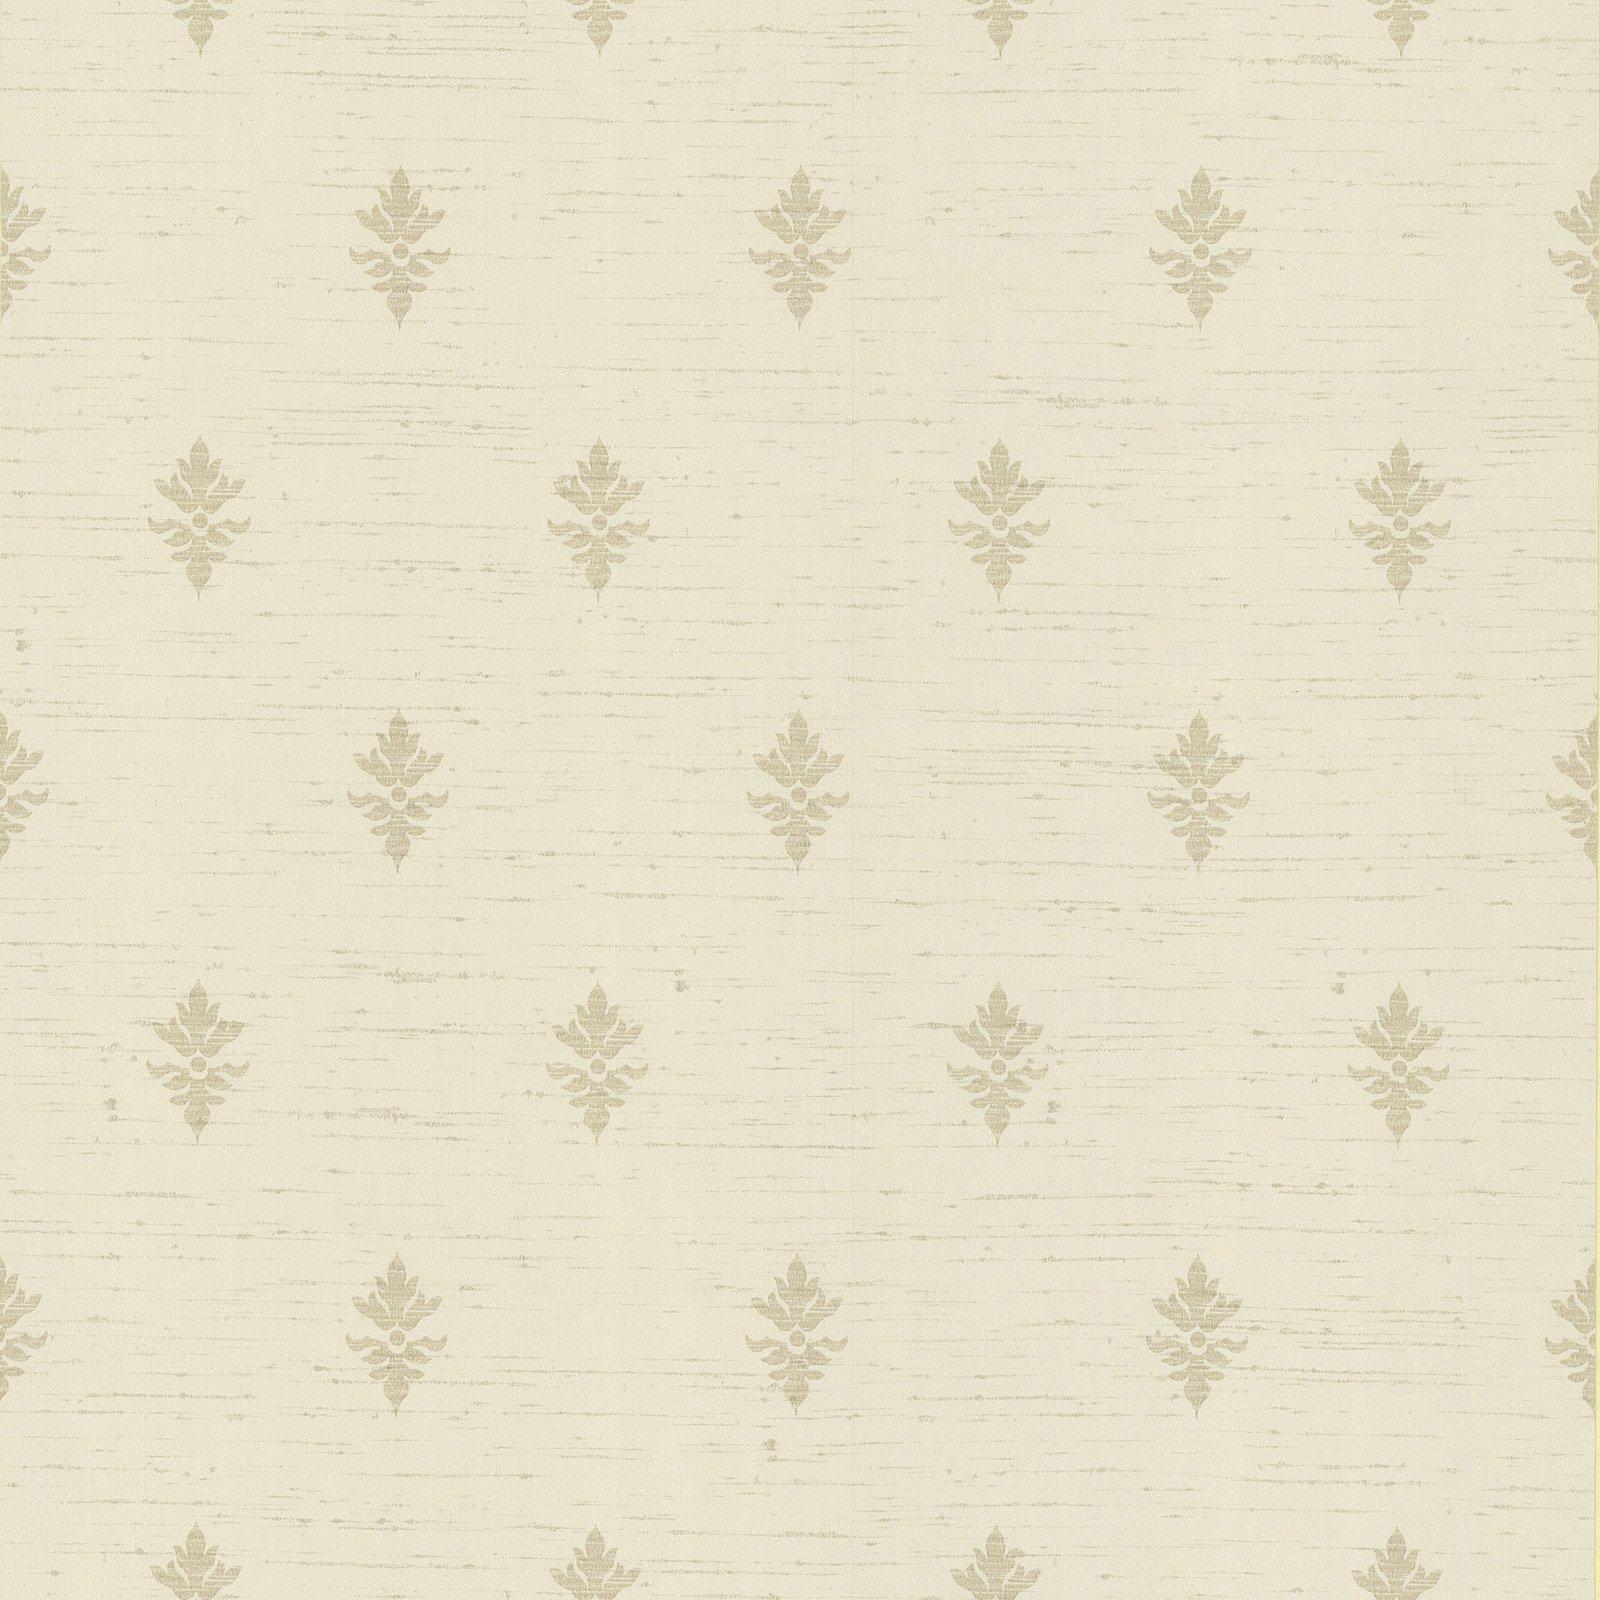 Beacon House Fleurette Fleur De Lis Wallpaper Beige Tan